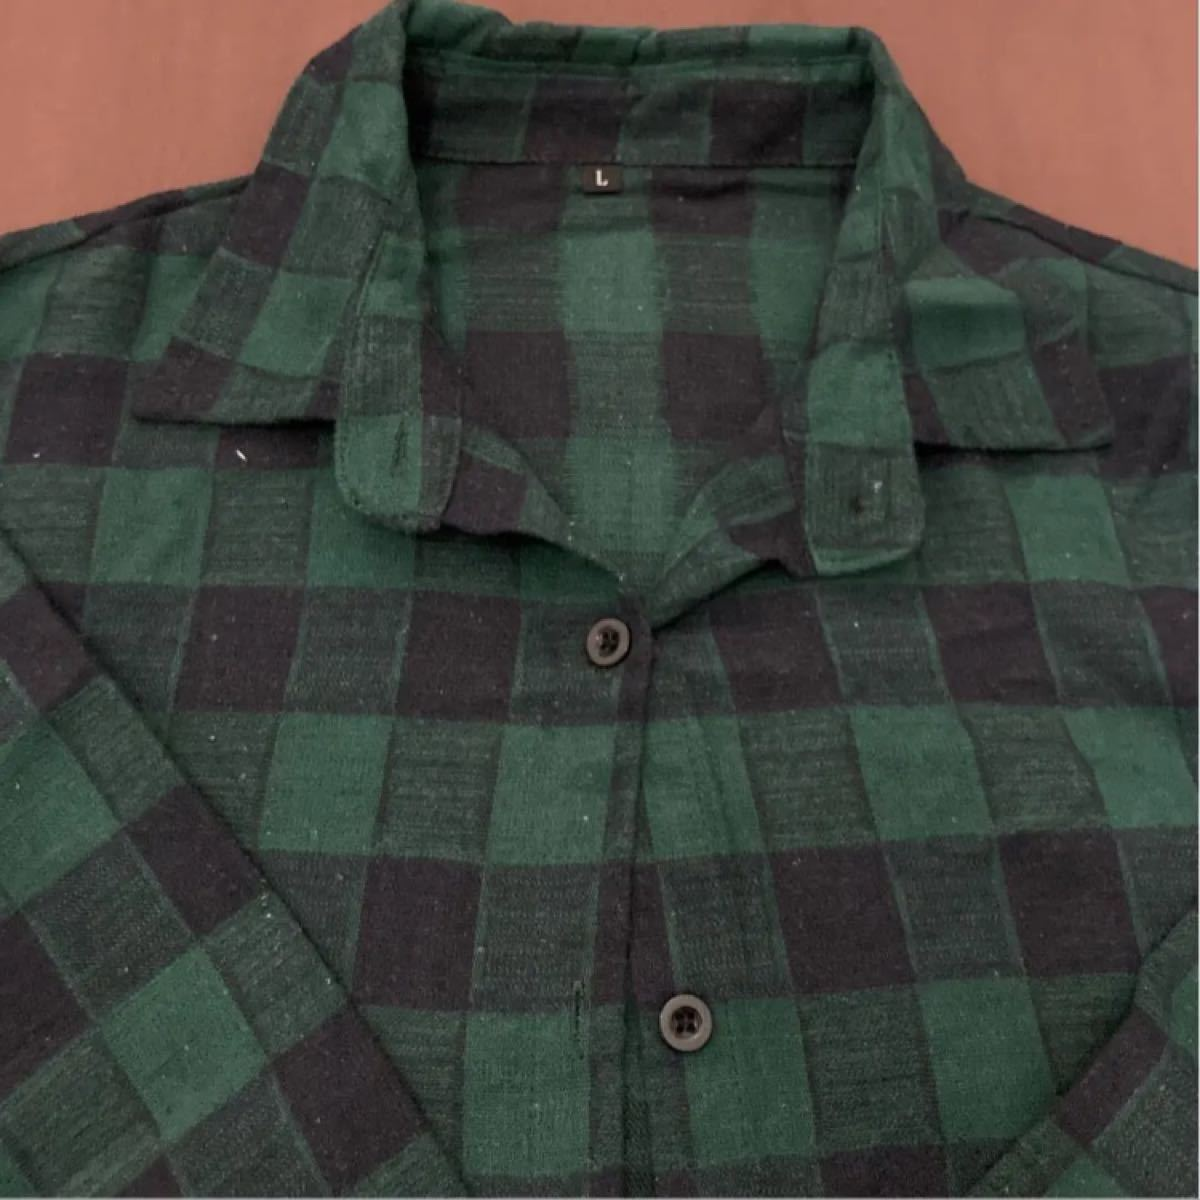 チェック シャツワンピース ロングカーディガン 緑 グリーン green チェックワンピース チェックシャツ